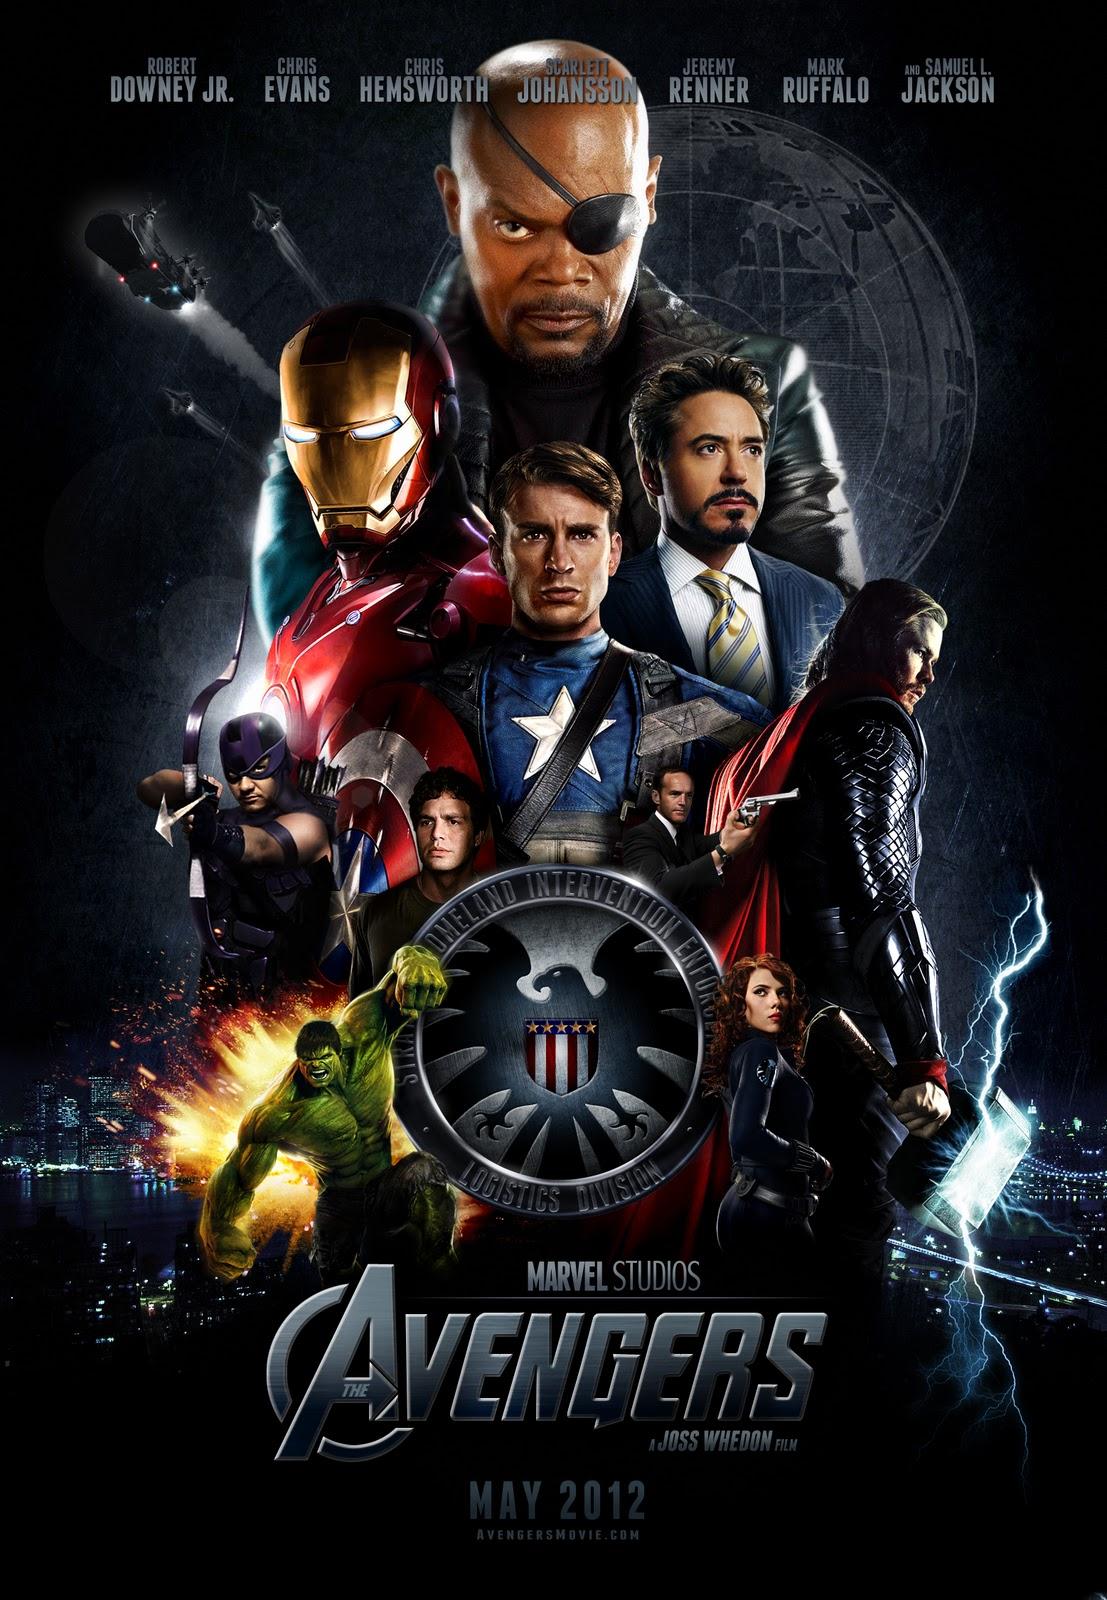 http://3.bp.blogspot.com/-HSjpkILVWvM/TxfEyswud5I/AAAAAAAABzg/gn5SF06-Z8Q/s1600/avengers.jpg